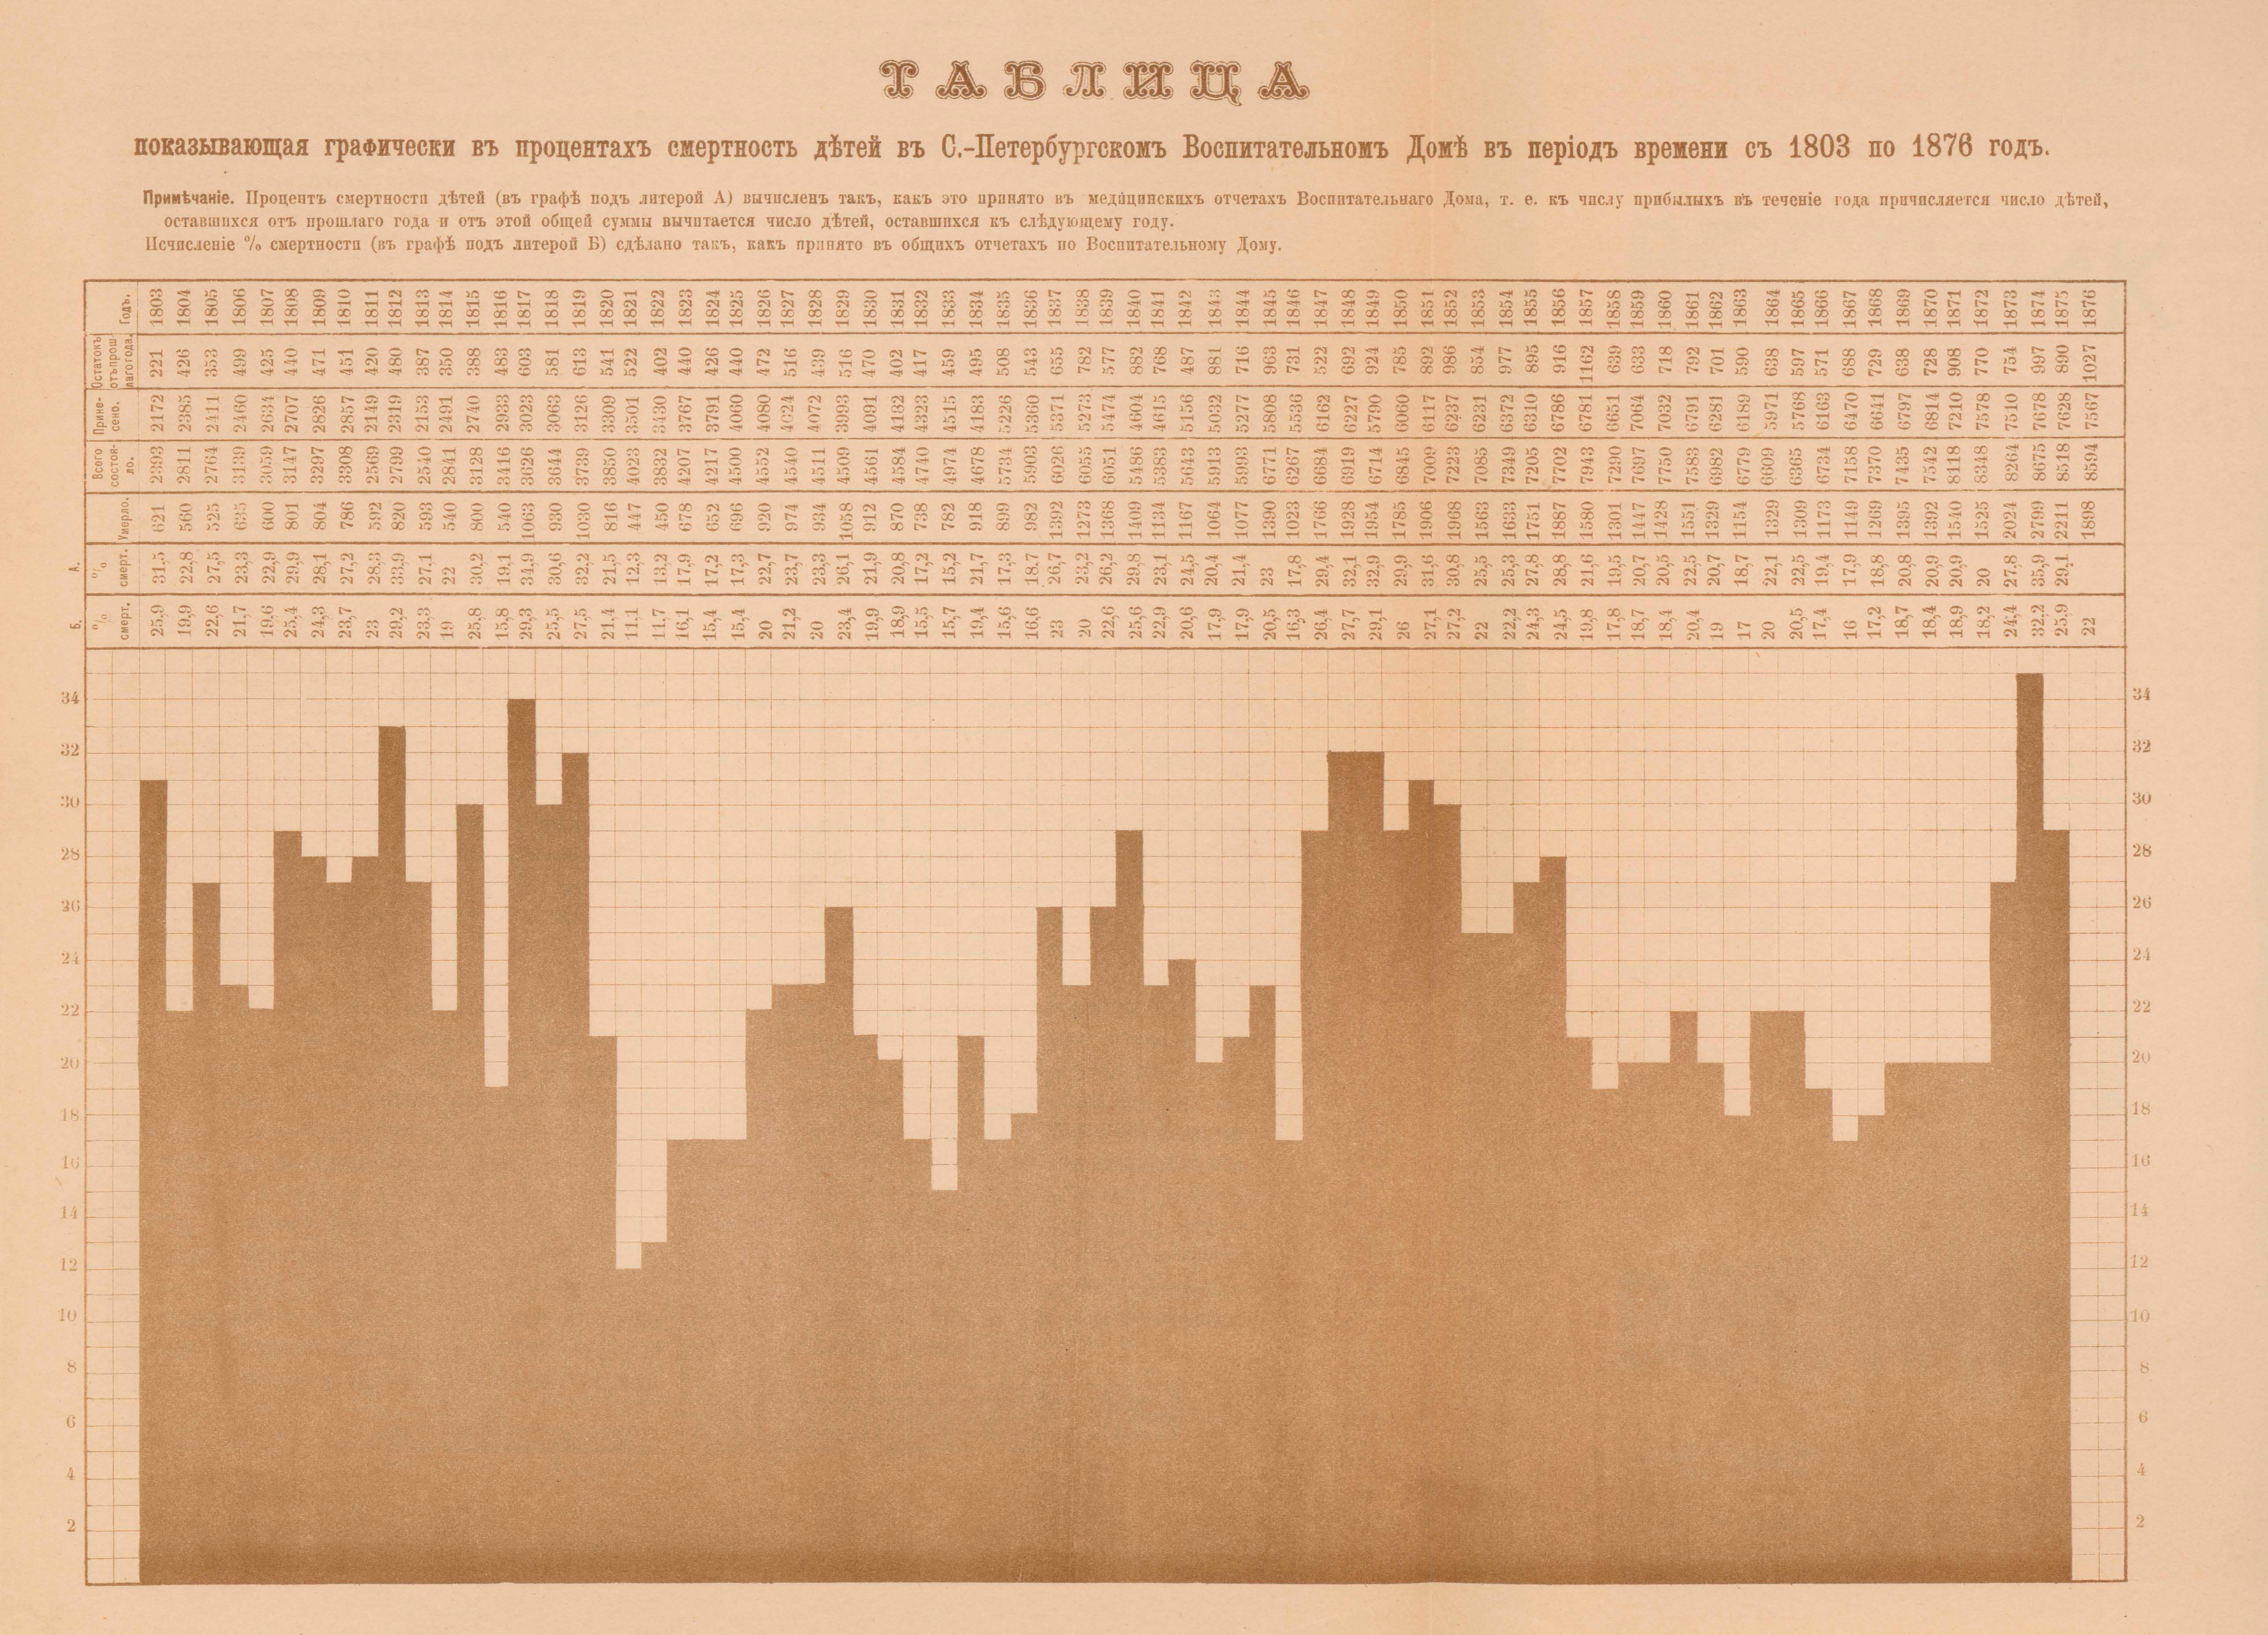 1-Смертность питомцев в доме с 1803 по 1876 год.jpg